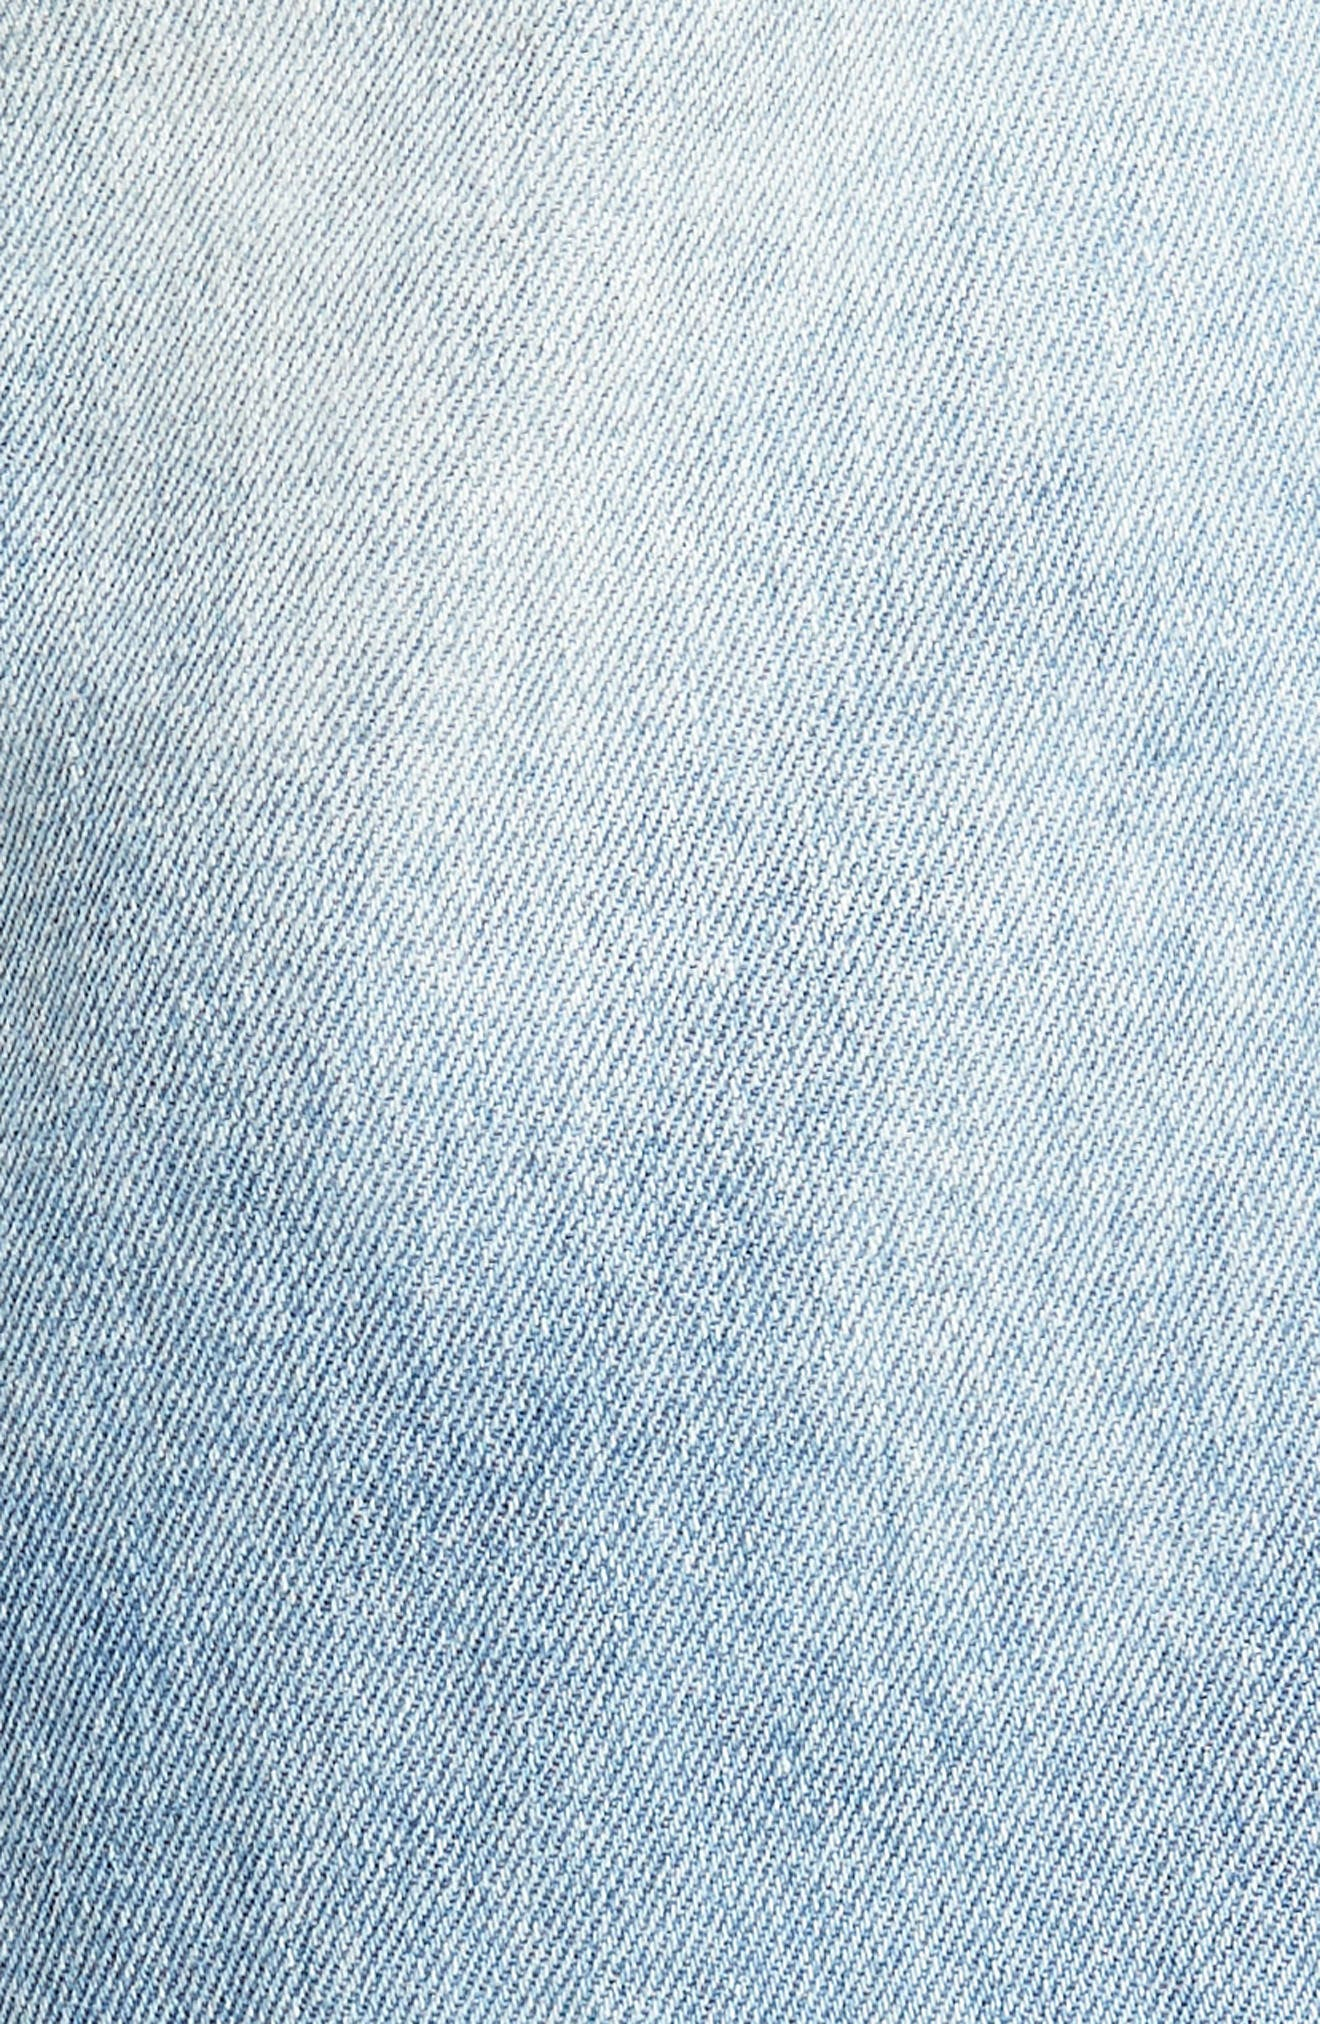 Le Sabre Slim Fit Jeans,                             Alternate thumbnail 5, color,                             Tenderness